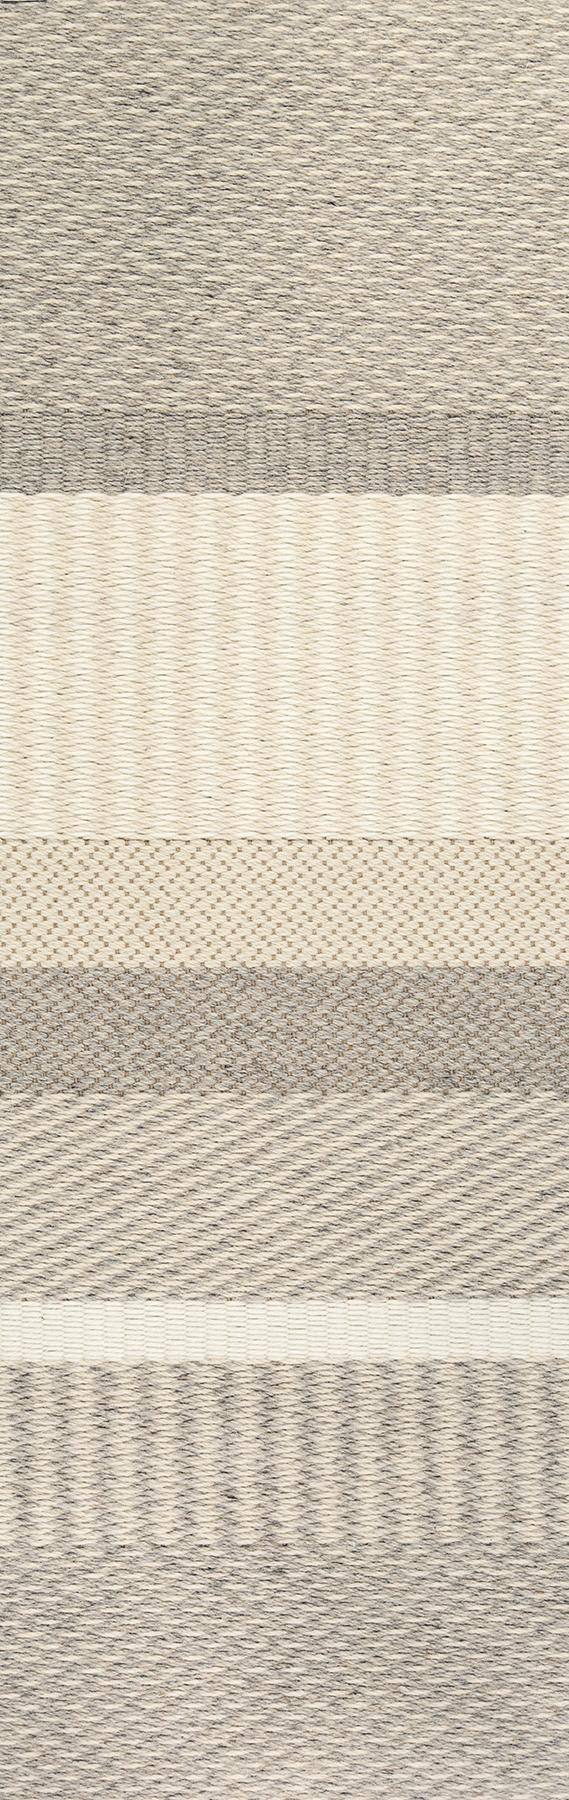 71 Linen-White